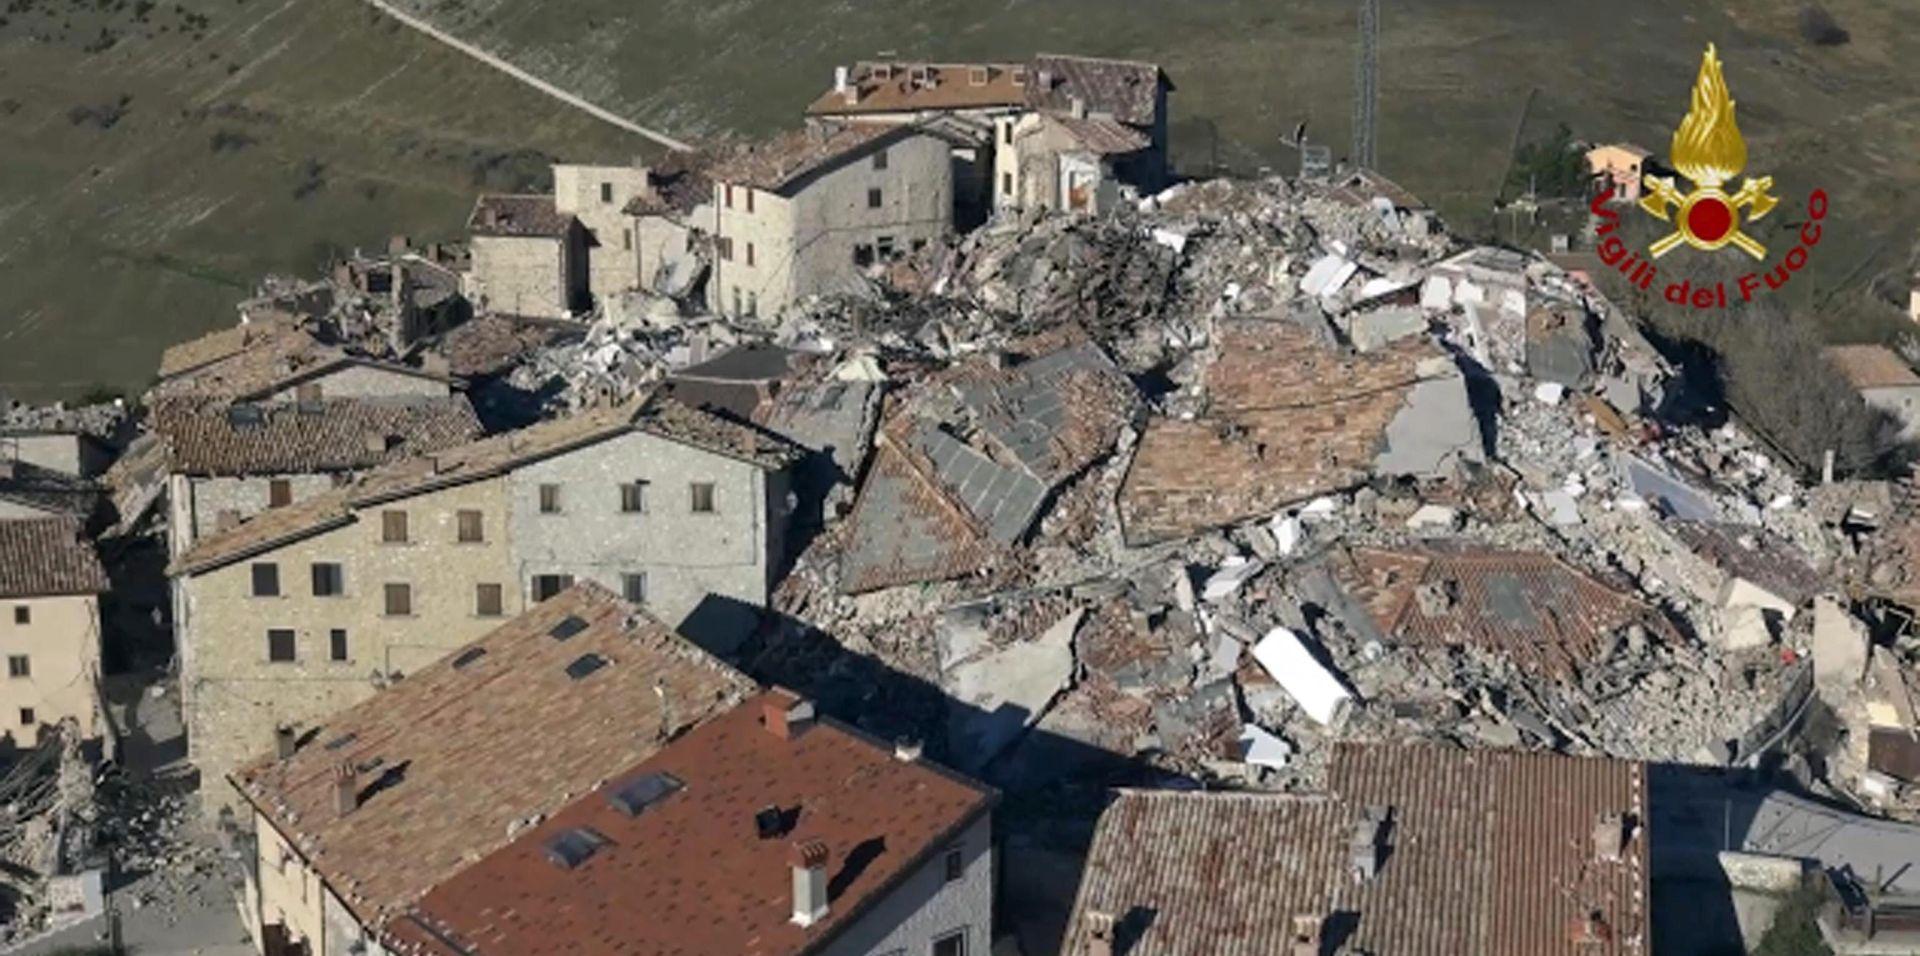 ITALIJA Više od 15 tisuća ljudi ostalo bez domova nakon potresa